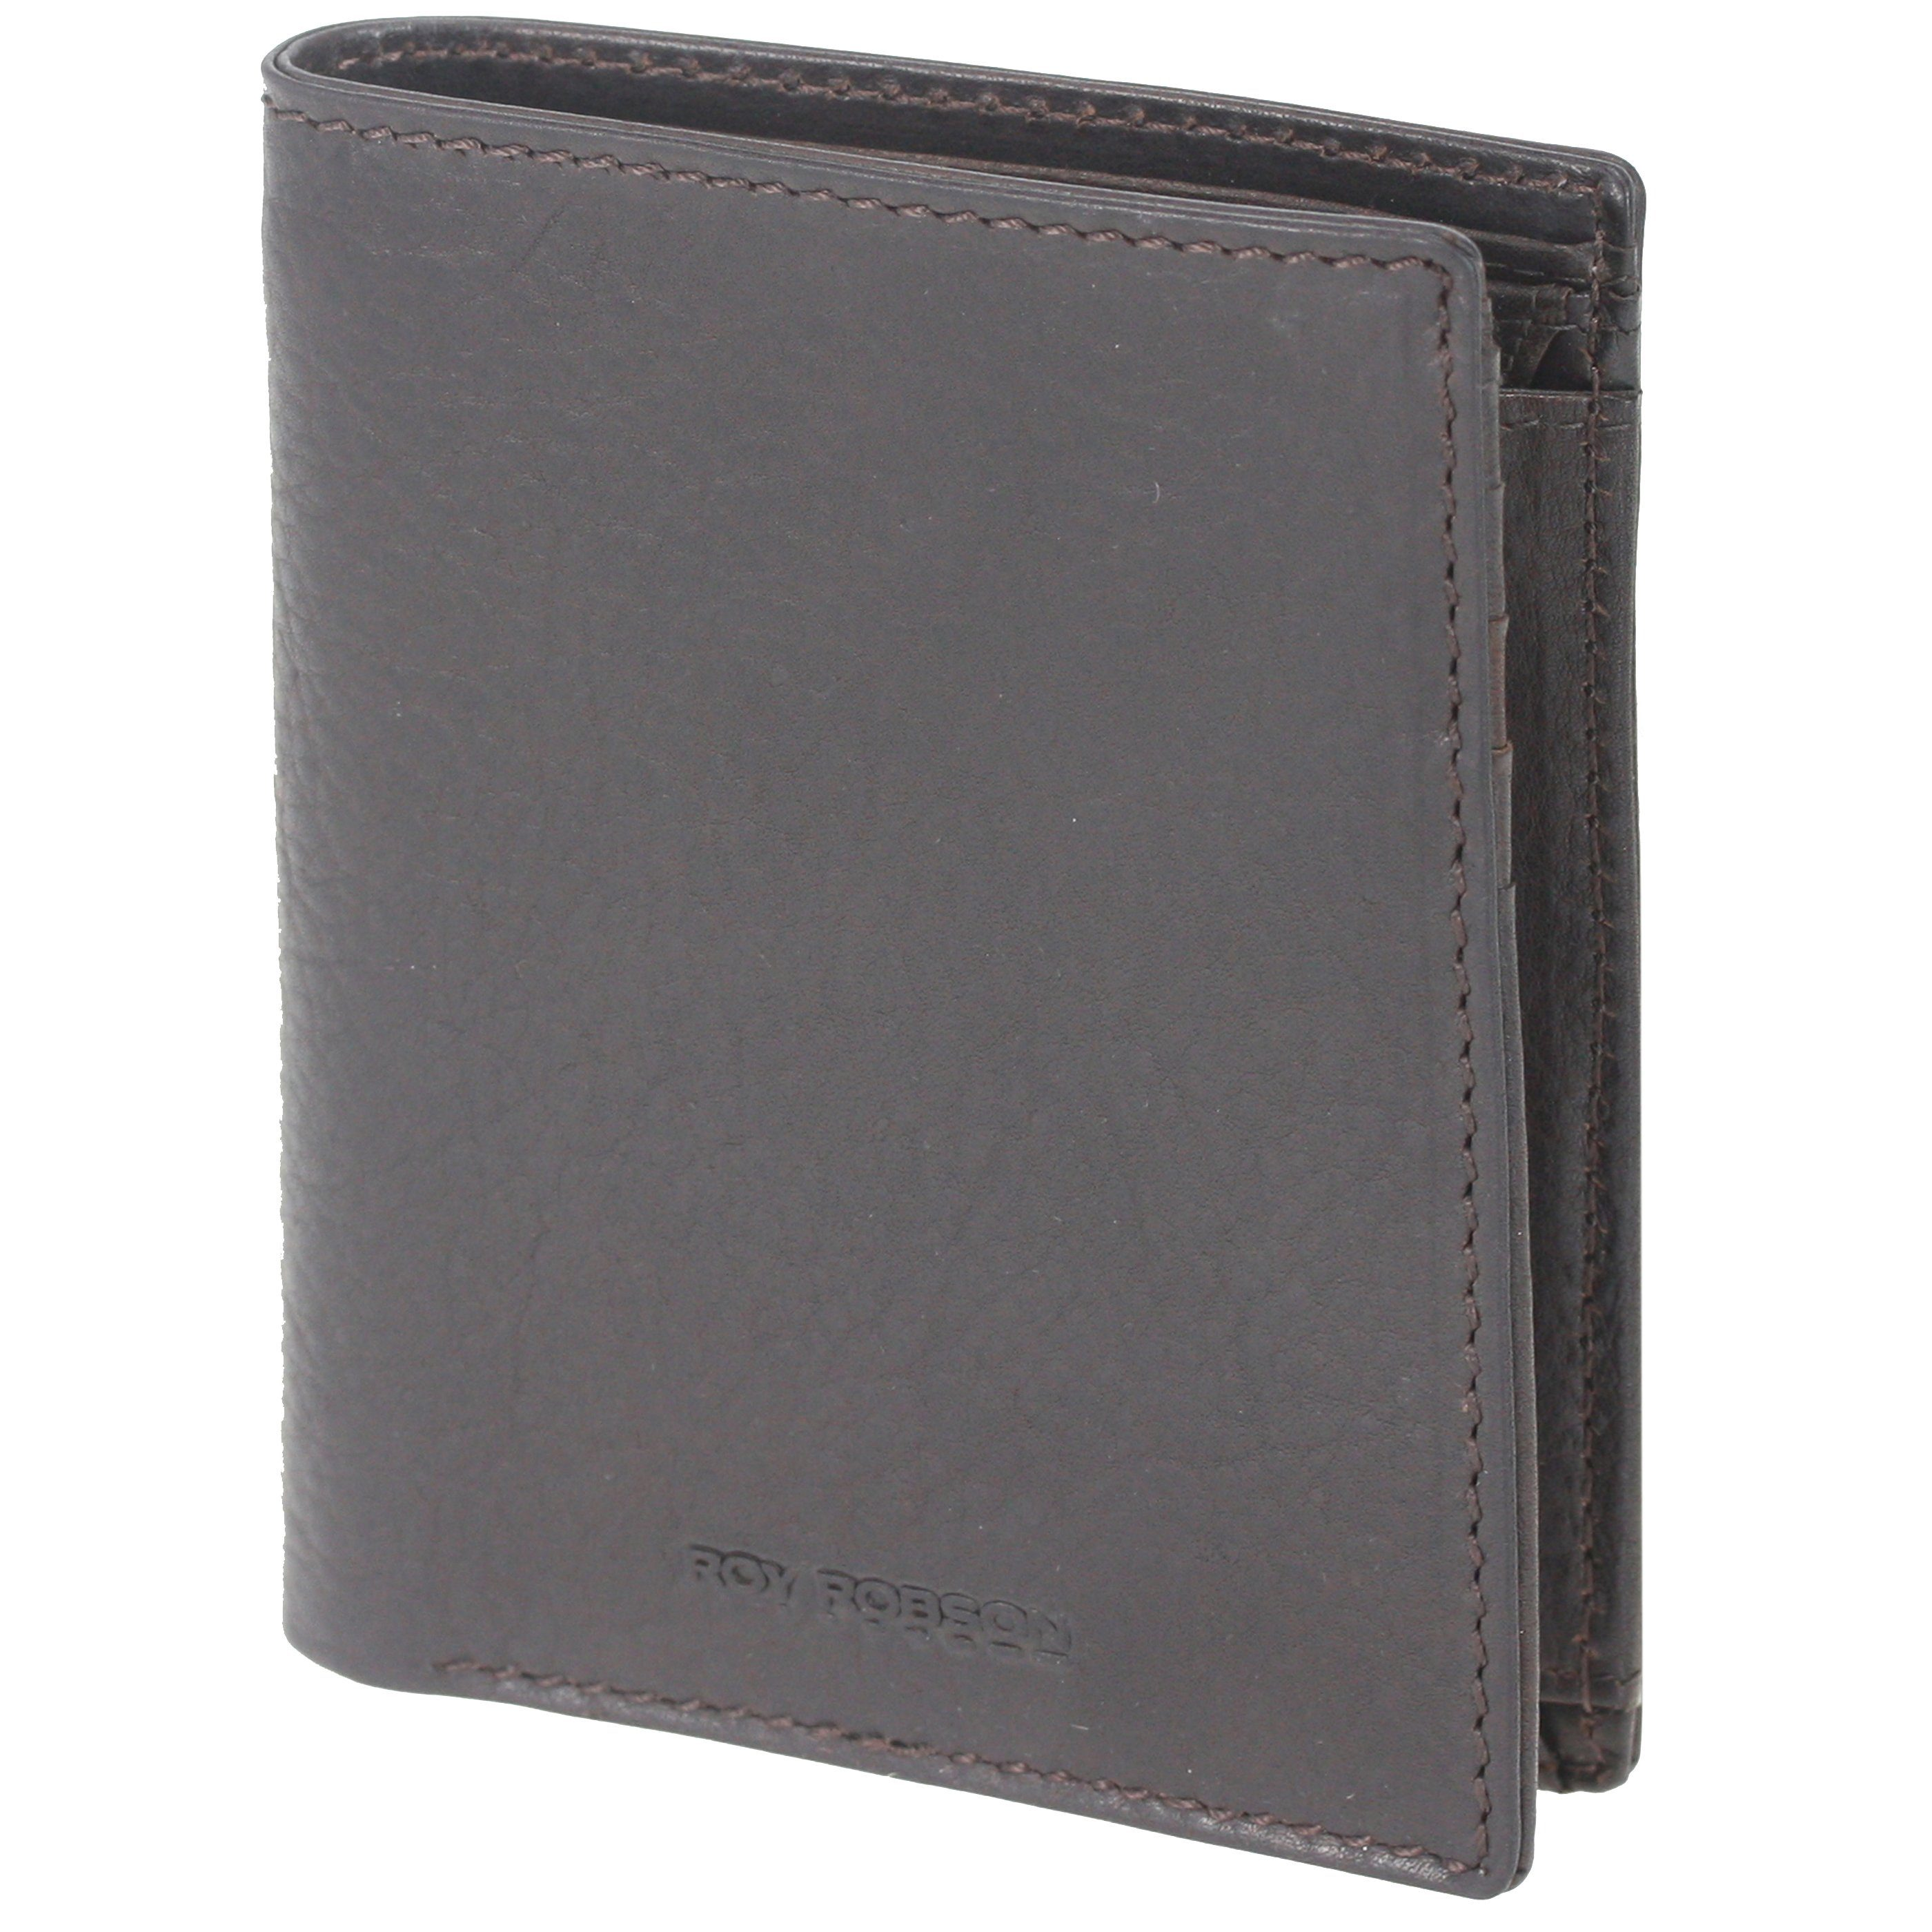 Roy Robson Colorado De Luxe Geldbörse Leder 10 cm